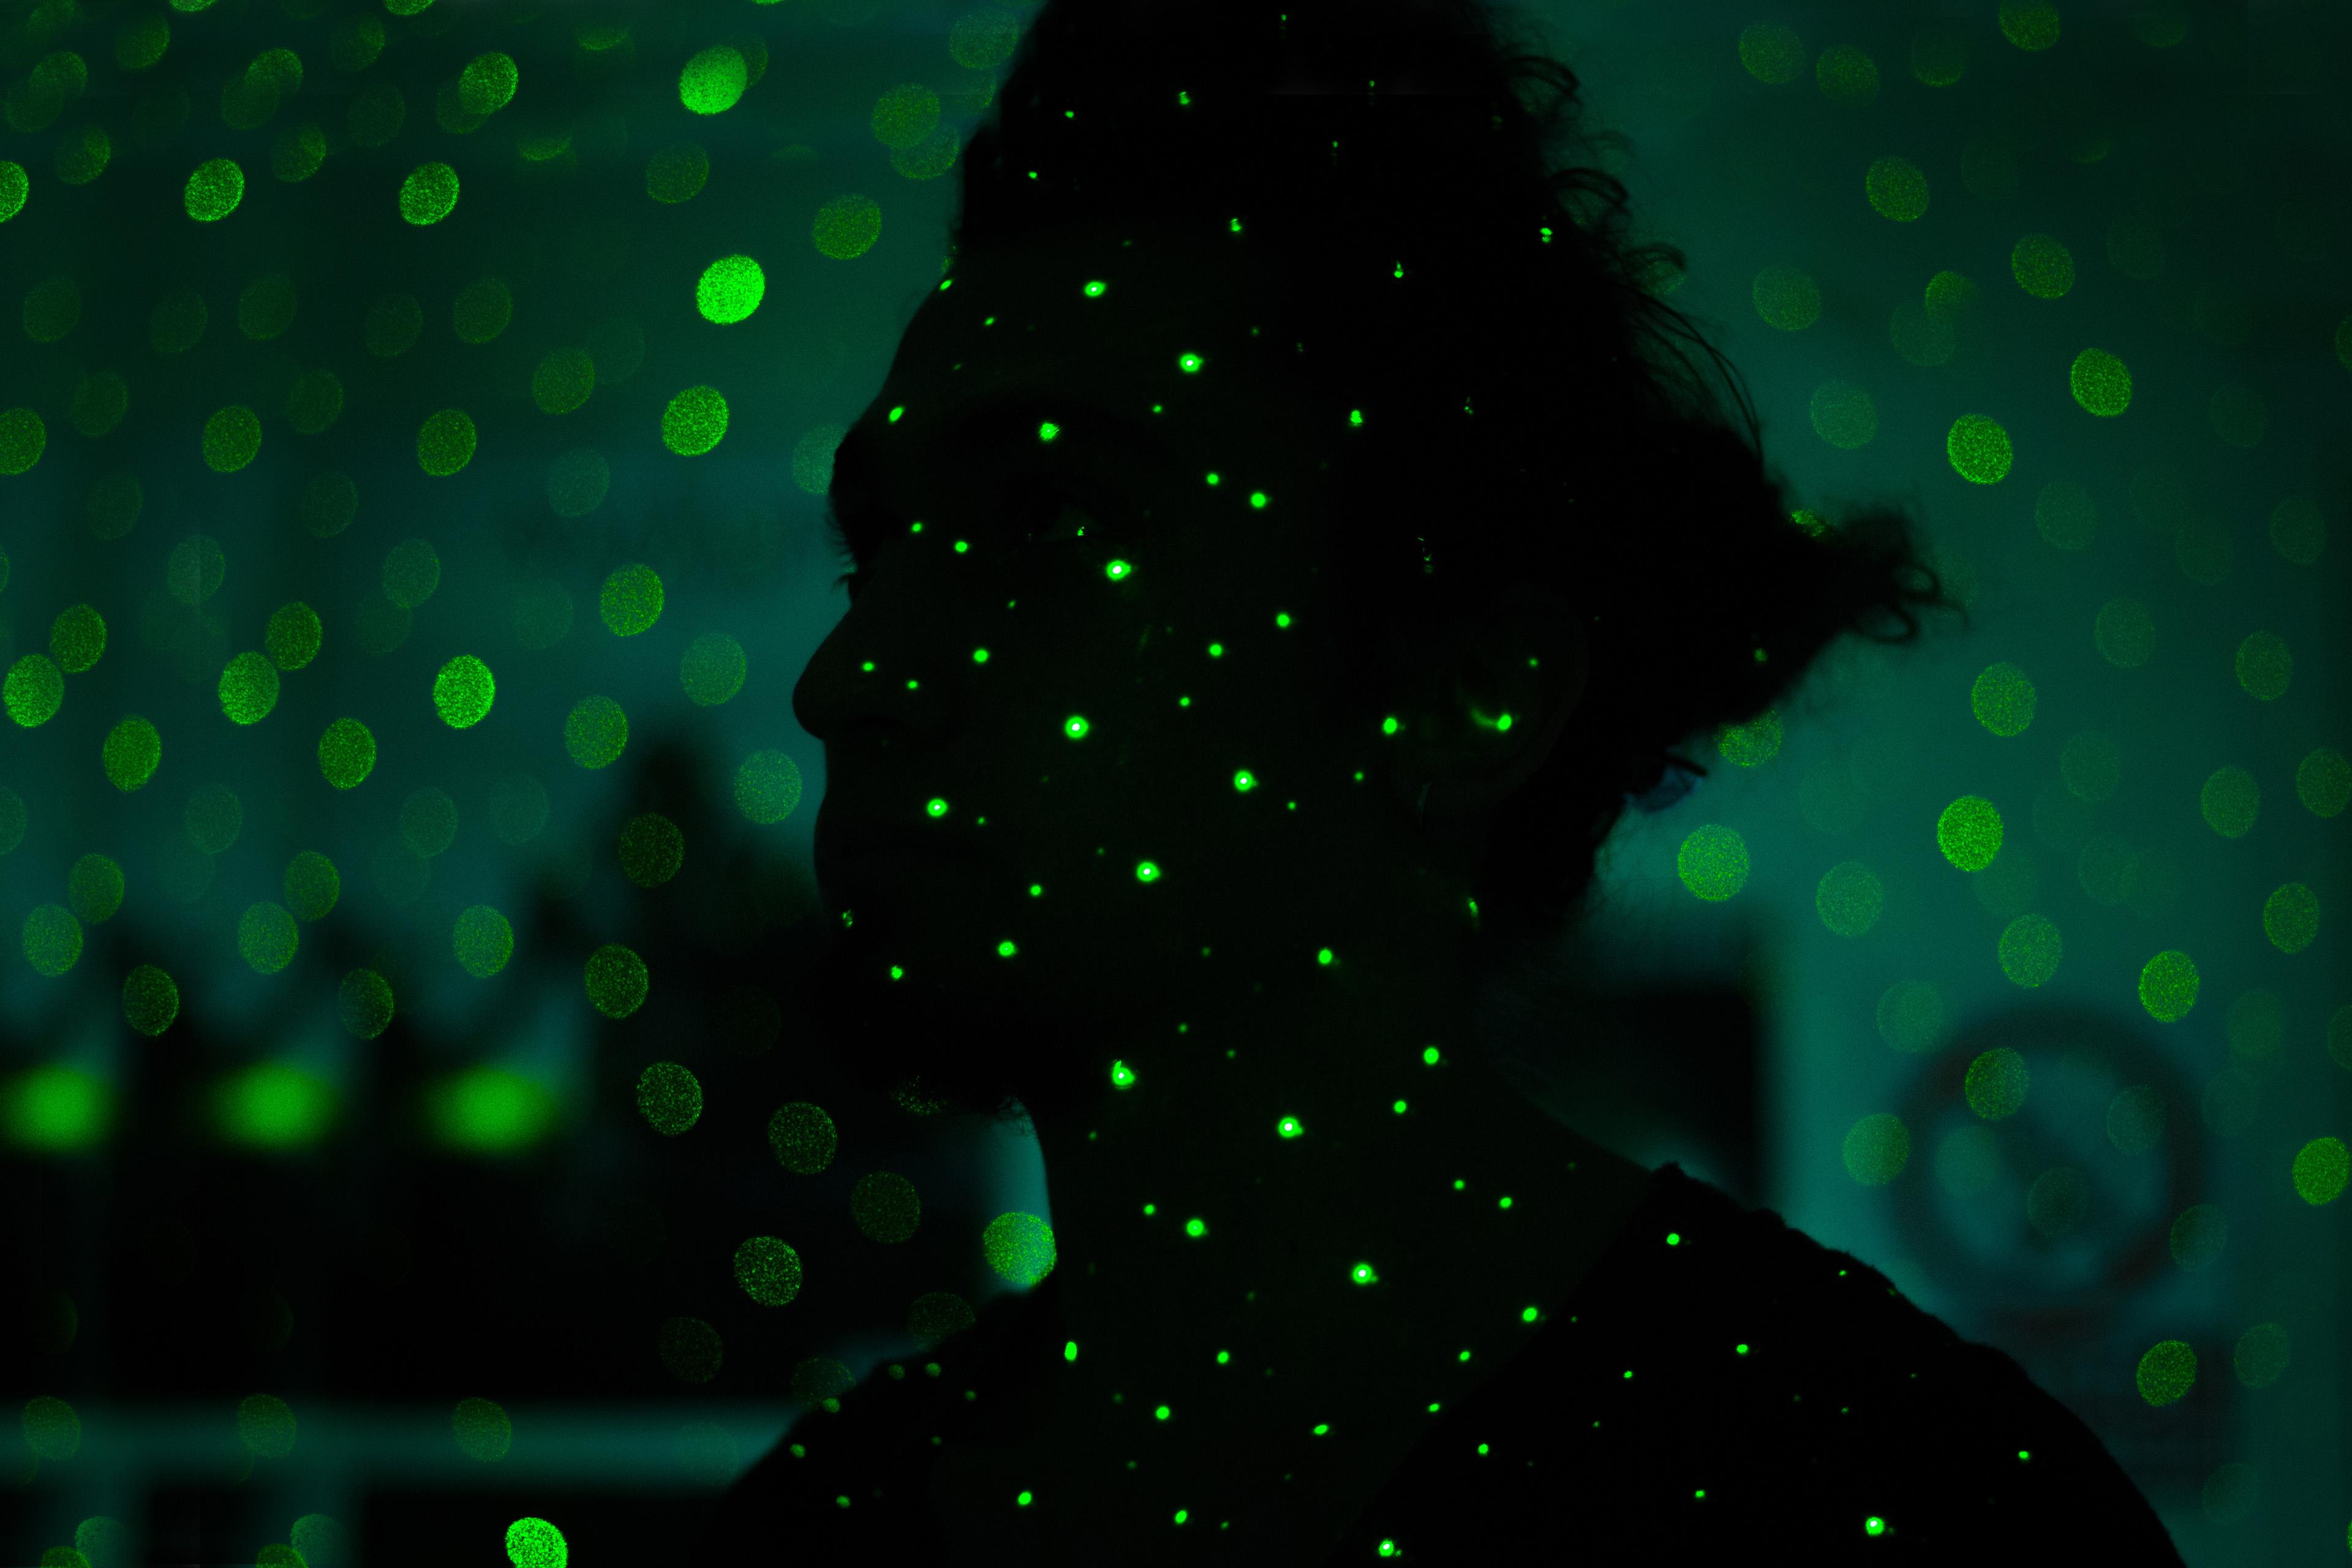 Silhouette einer Frau mit grünem Licht